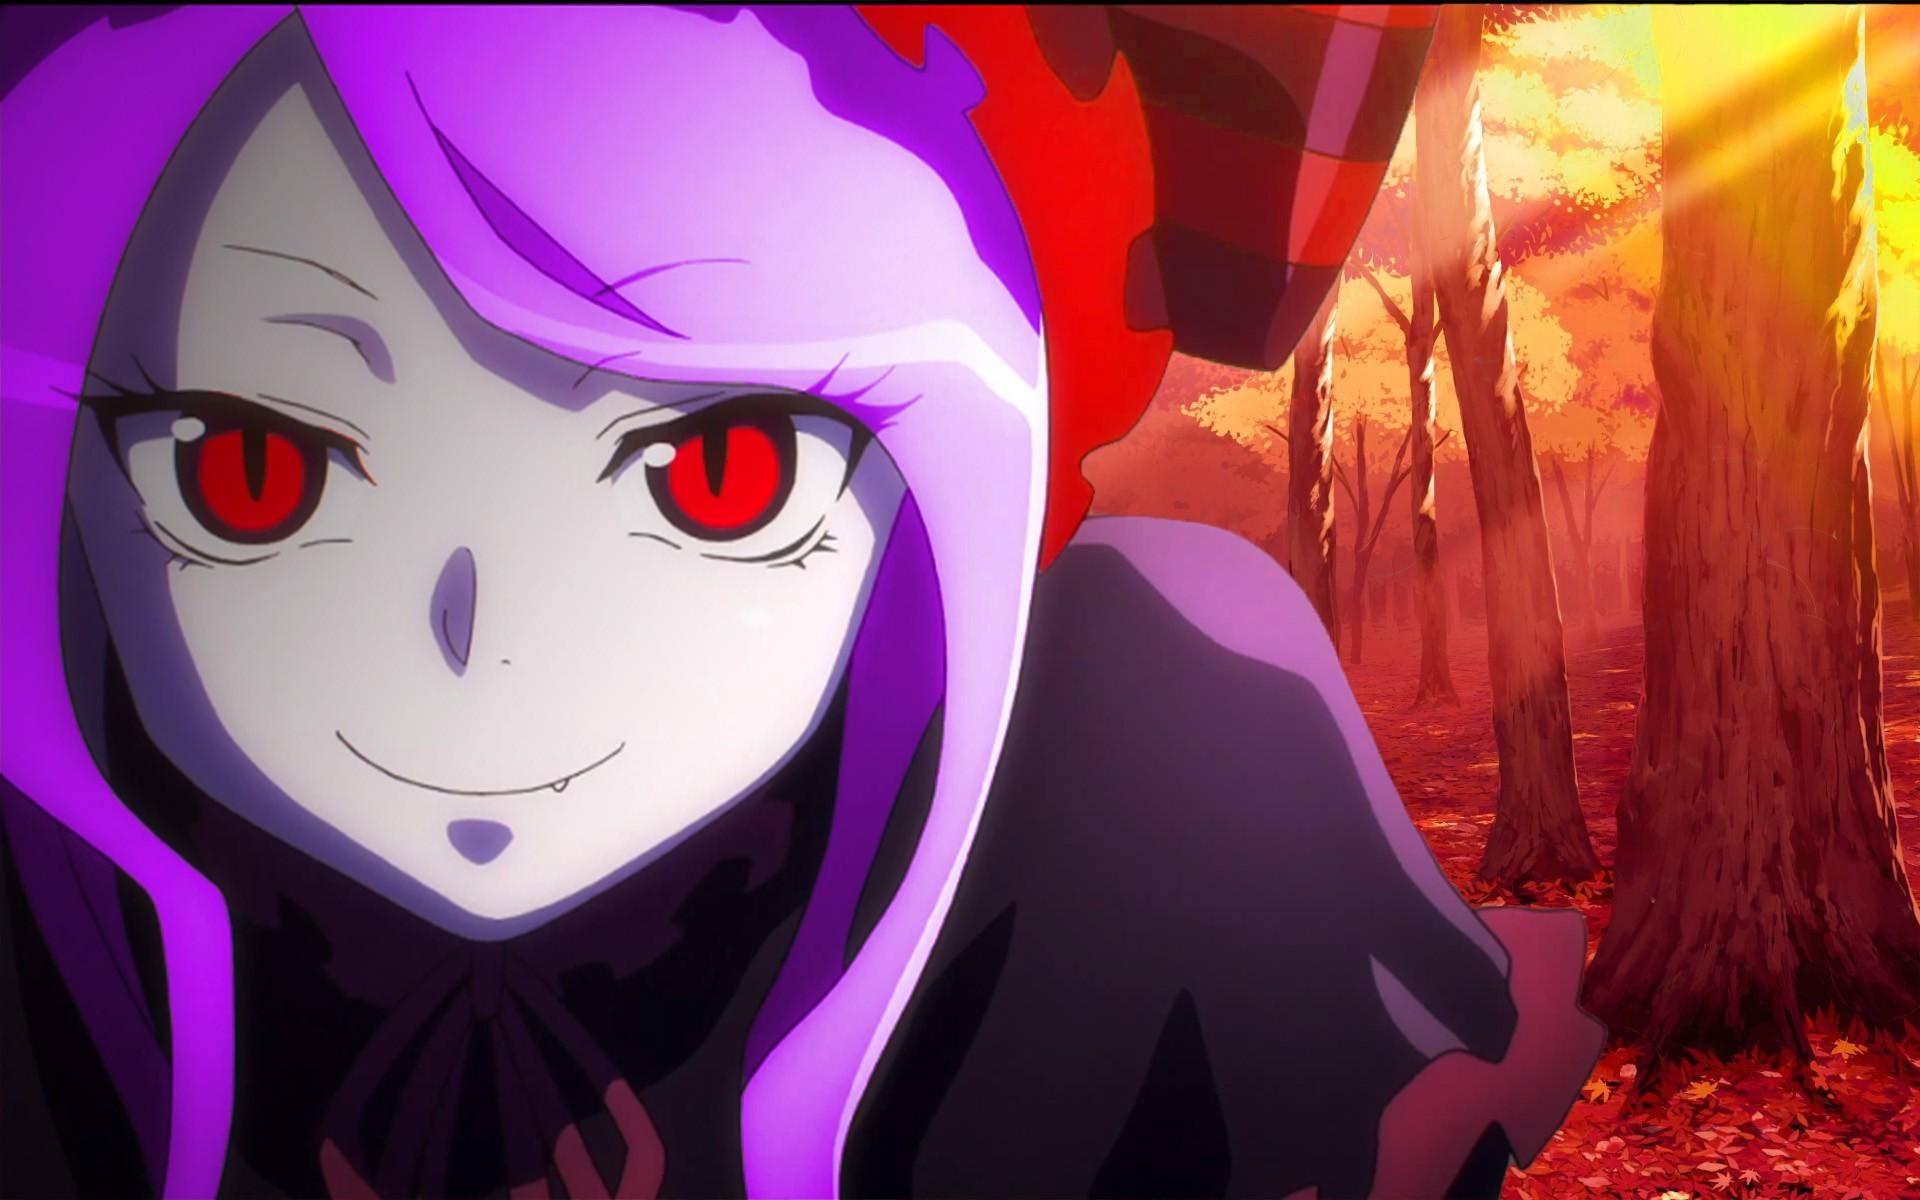 shalltear bloodfallen  anime girls shalltear anime overlord (anime)